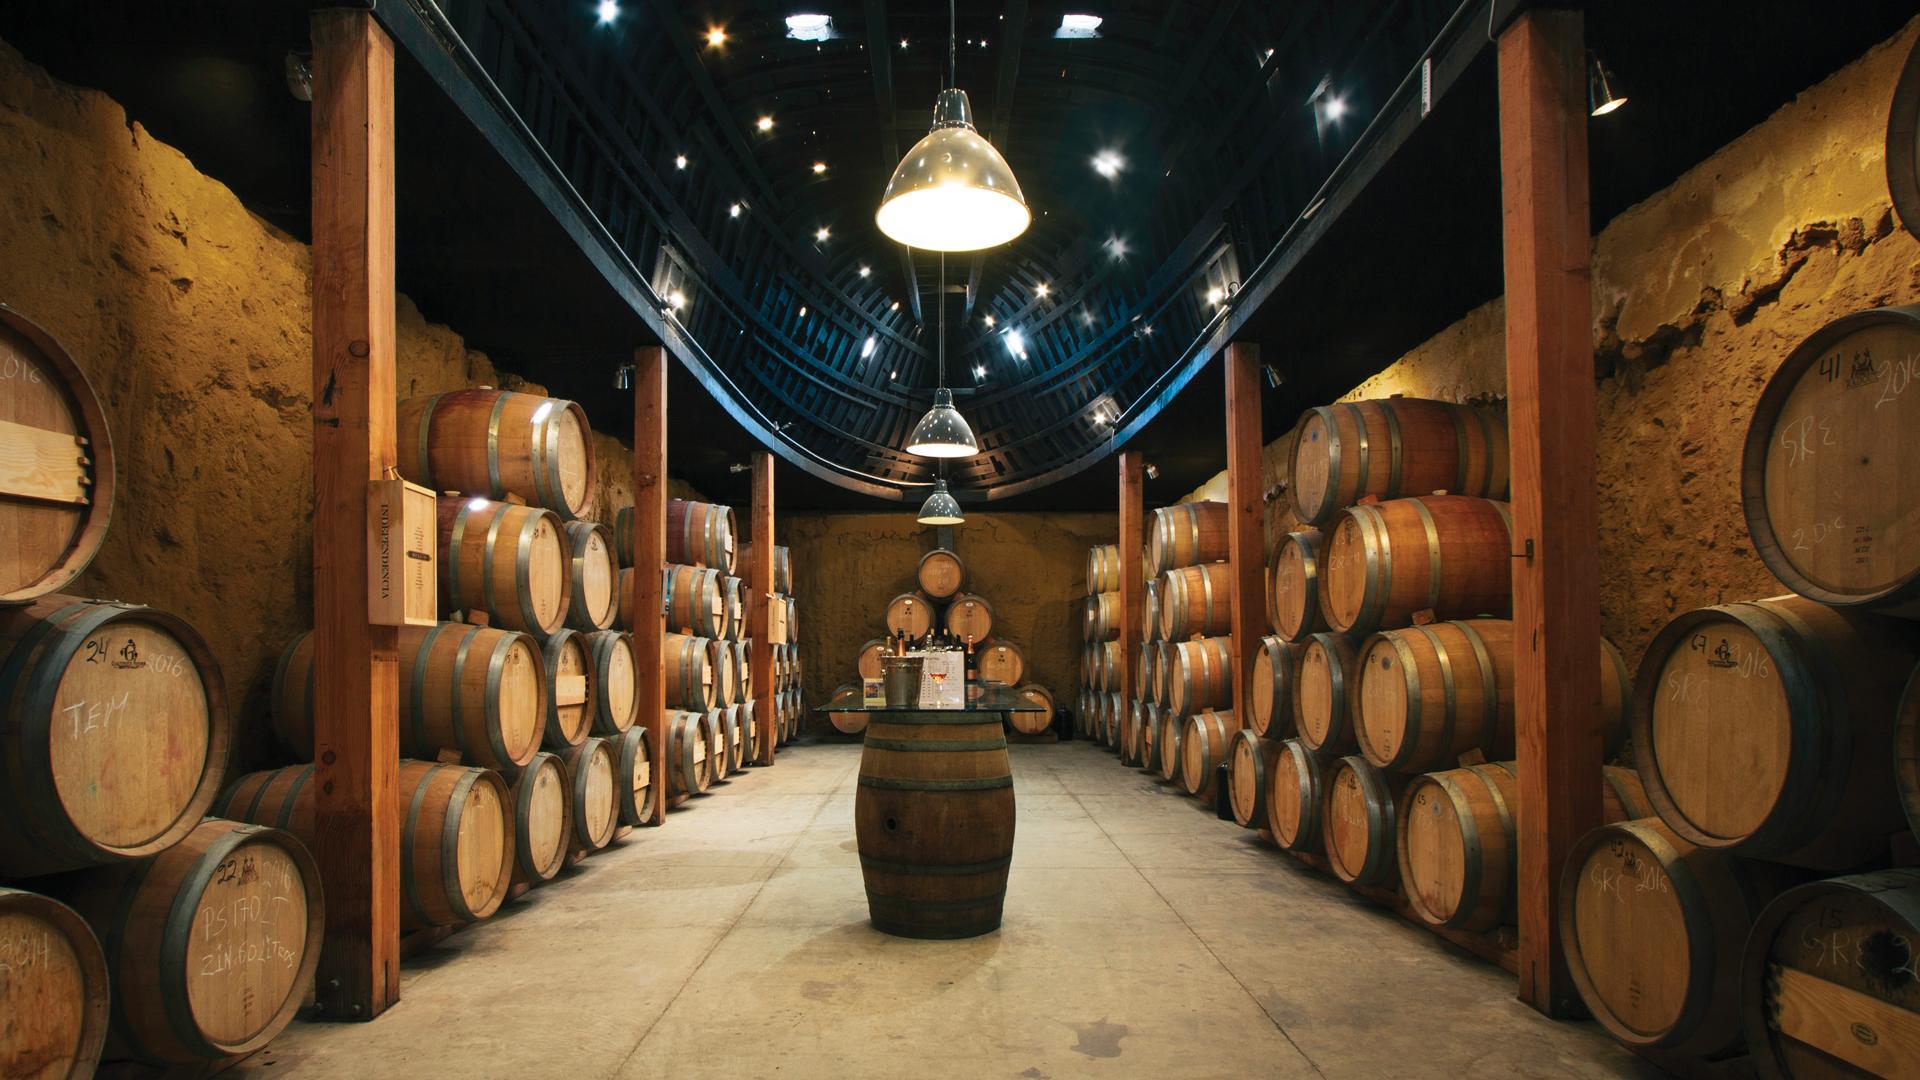 Vena Cava winery in Valle de Guadalupe, Mexico